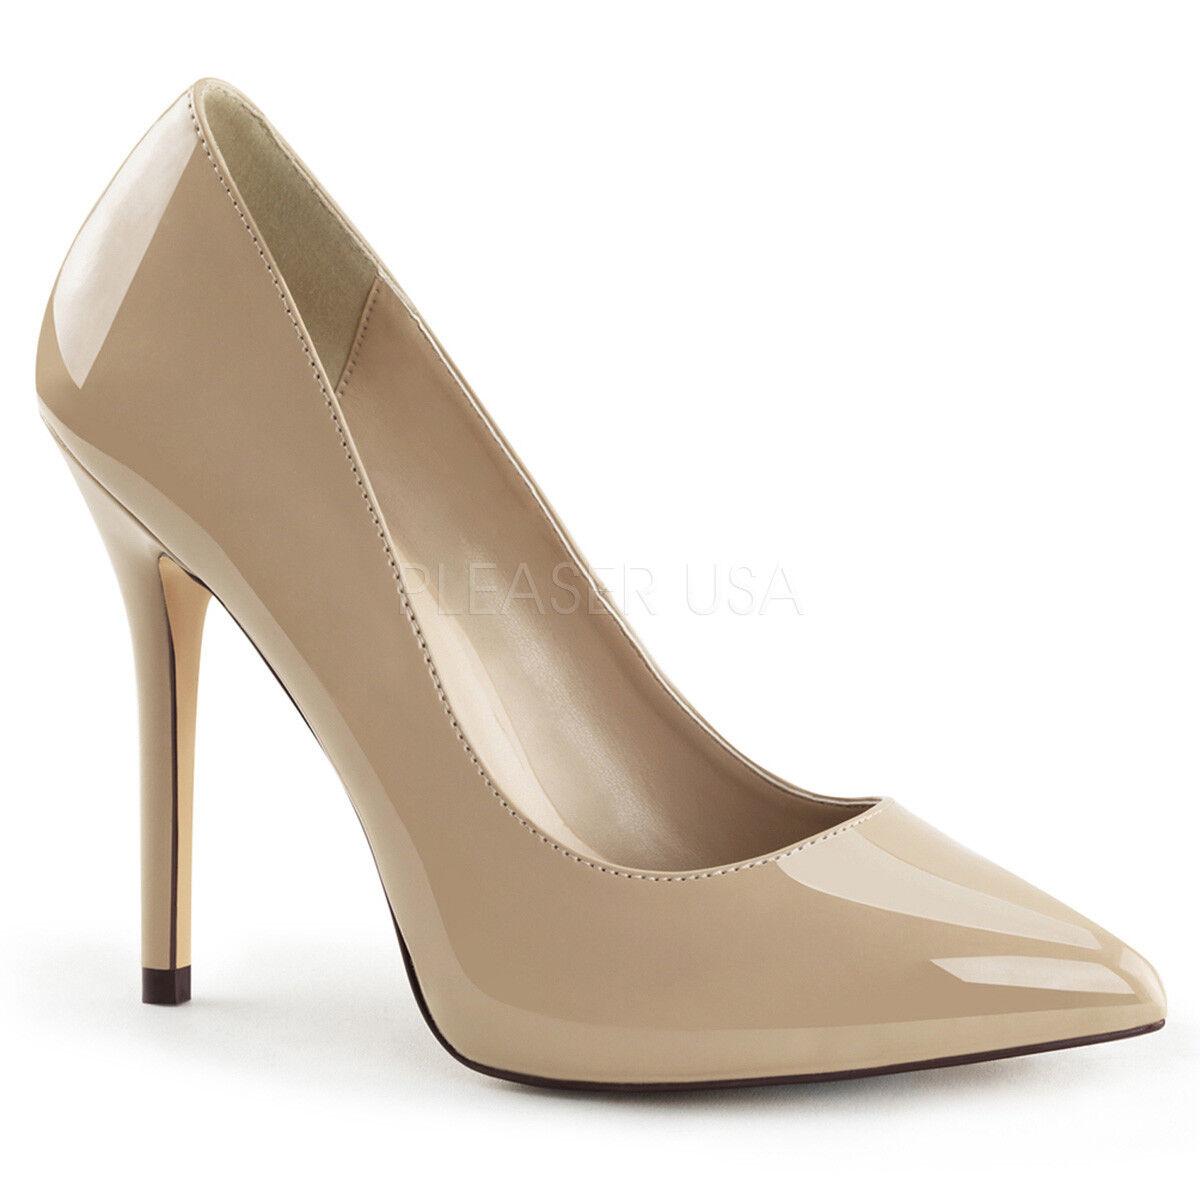 rot 80s Barbie High Heels Drag Queen Queen Queen Mens Crossdresser Trans schuhe Größe 13 14 15 8e83b5